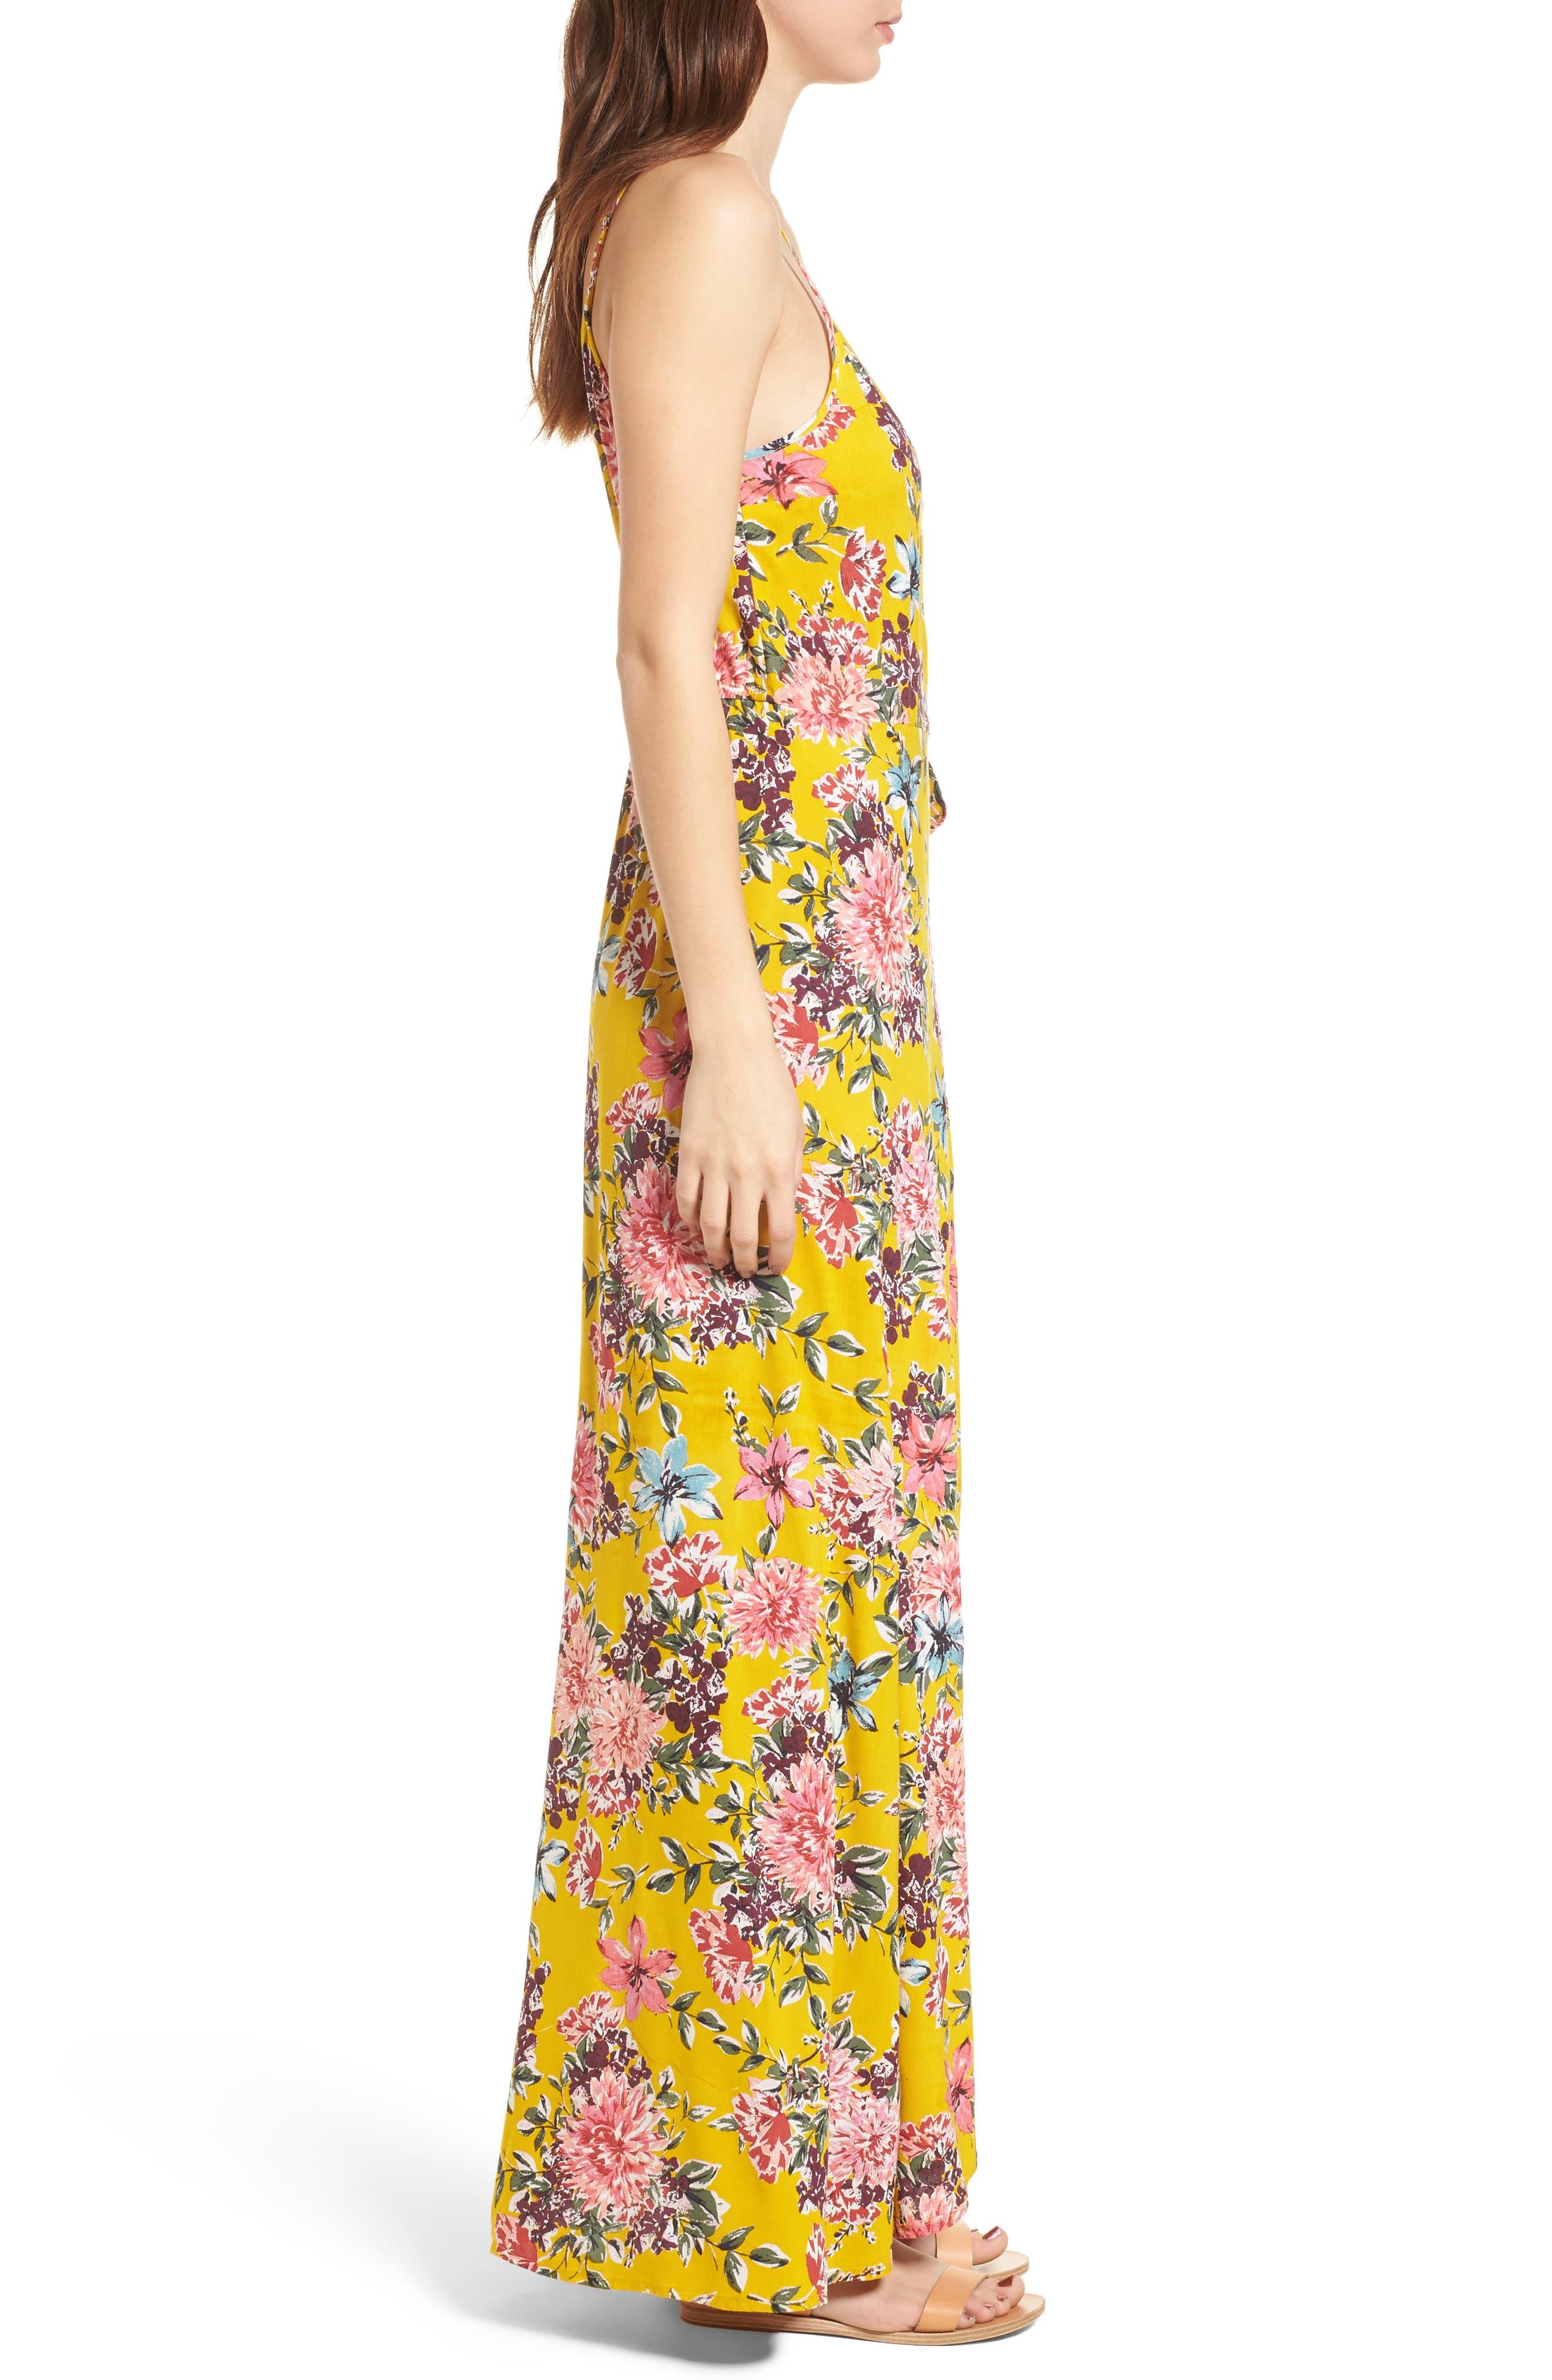 Chrysanthemum Wrap Front Dress,                             Alternate thumbnail 3, color,                             Mustard/ Pink